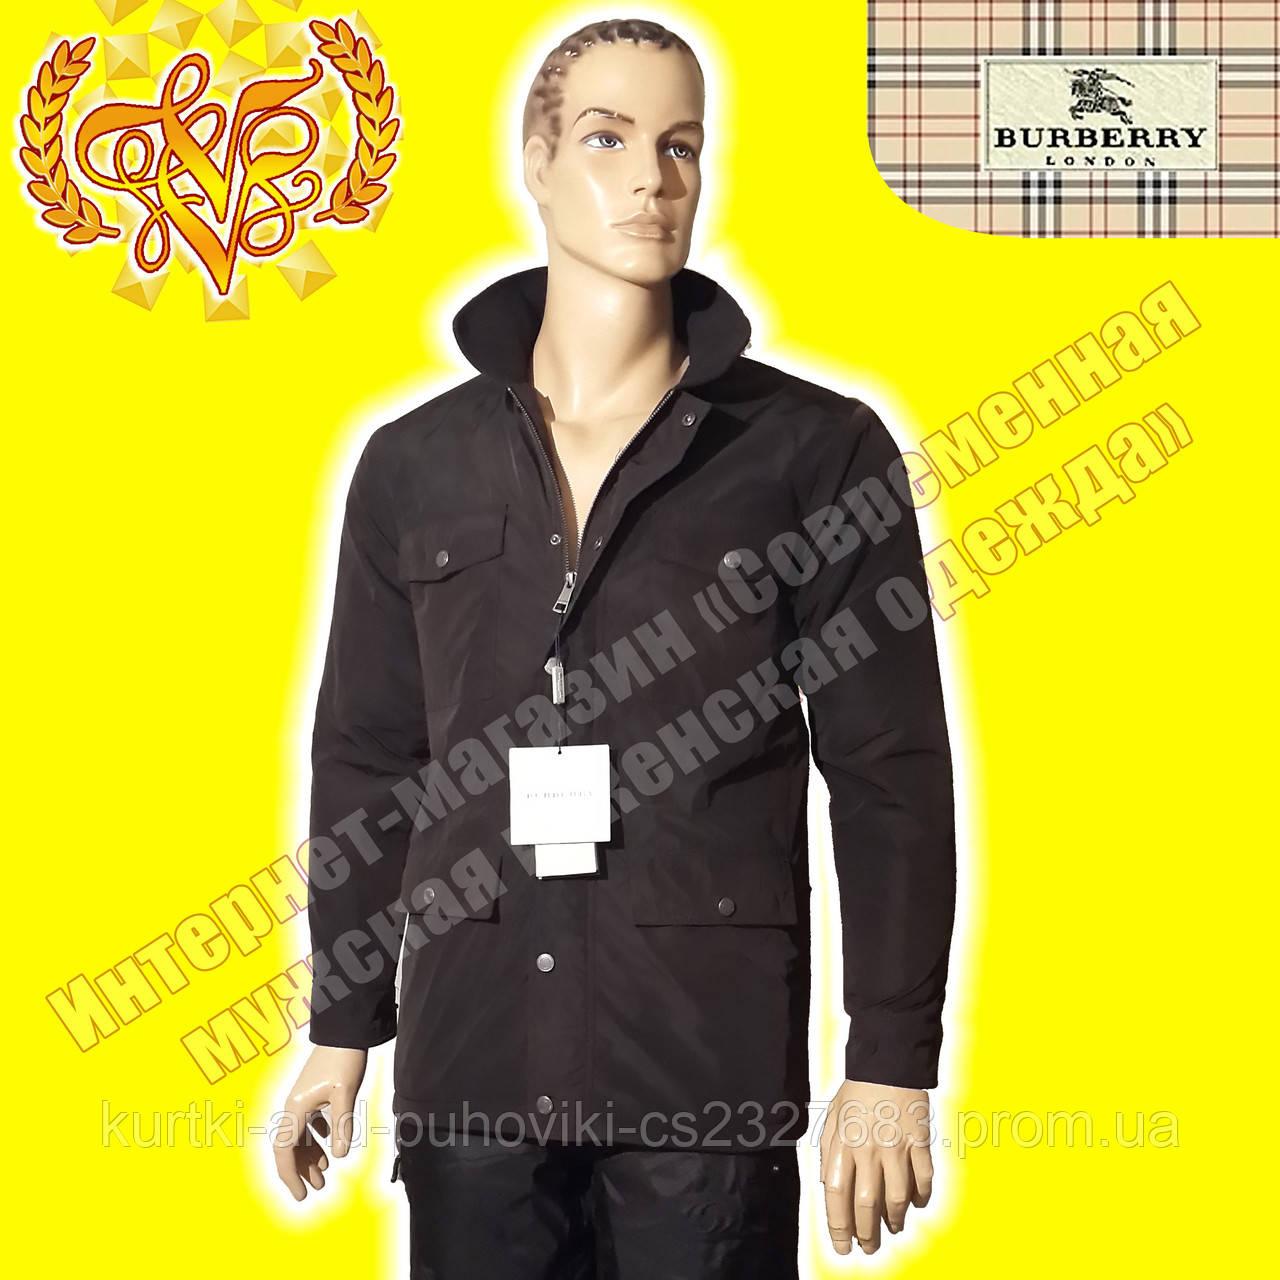 Стильная мужская куртка-ветровка Burberry - Интернет-магазин «Современная  мужская и женская одежда 88a3eb0b7ea